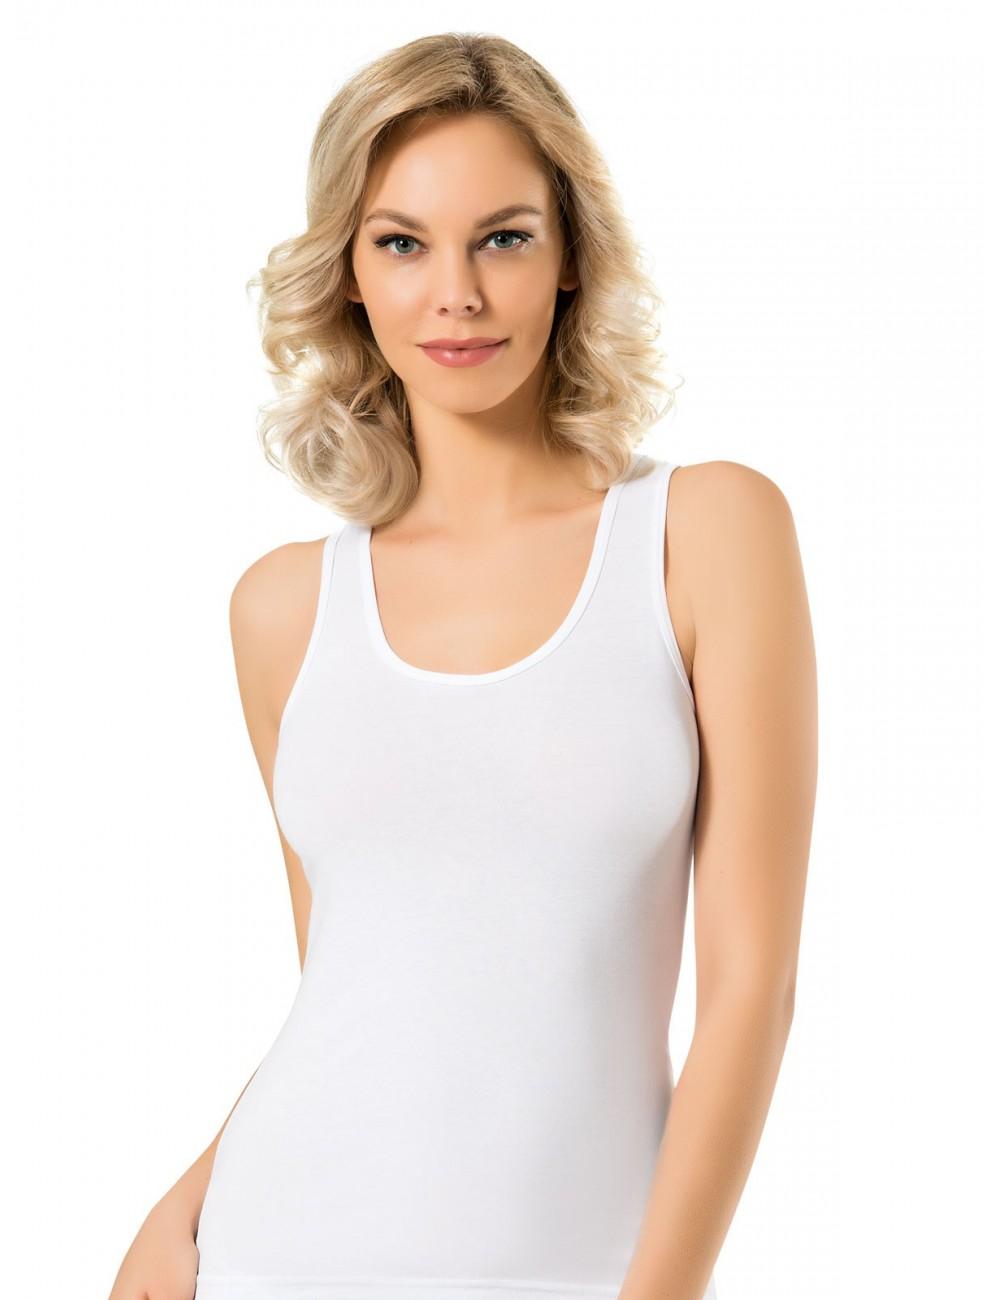 Γυναικείο αθλητικό μλουζάκι με χιαστή πλάτη Namaldi 289